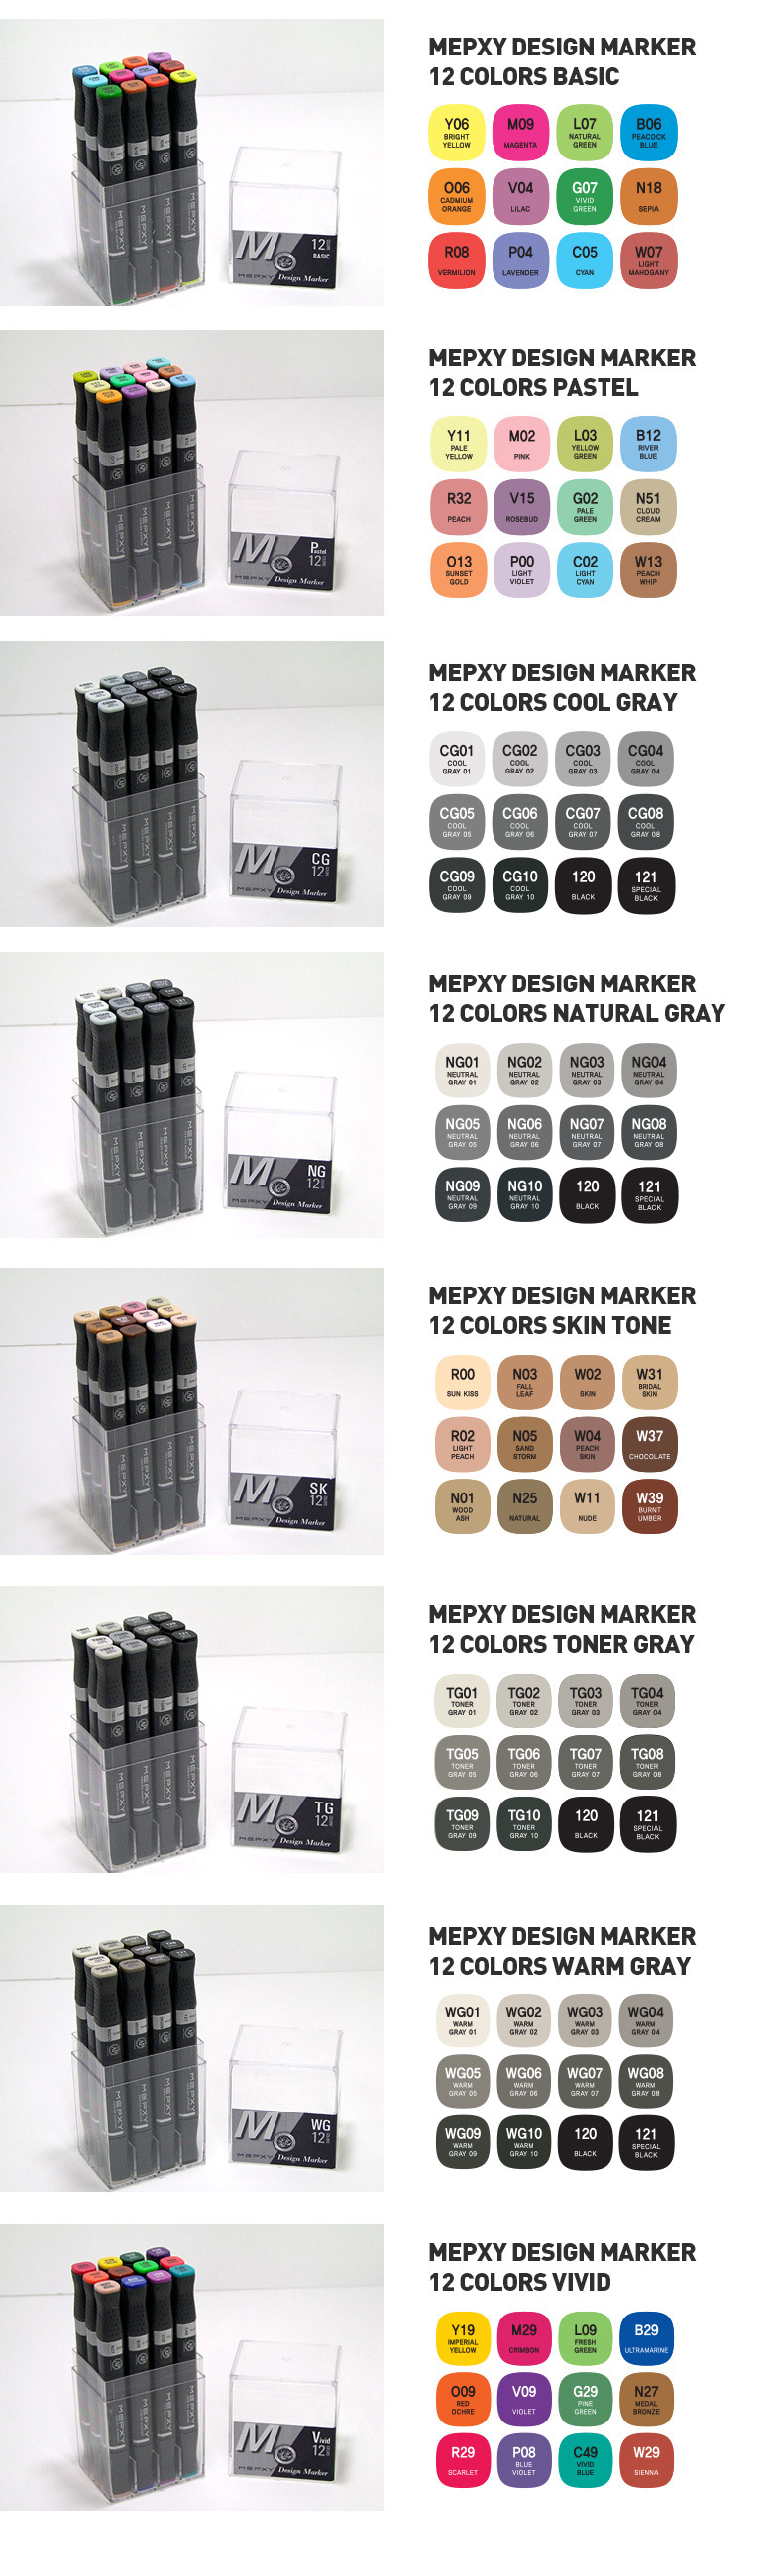 mepxy-design-marekr-12colors-detail_02